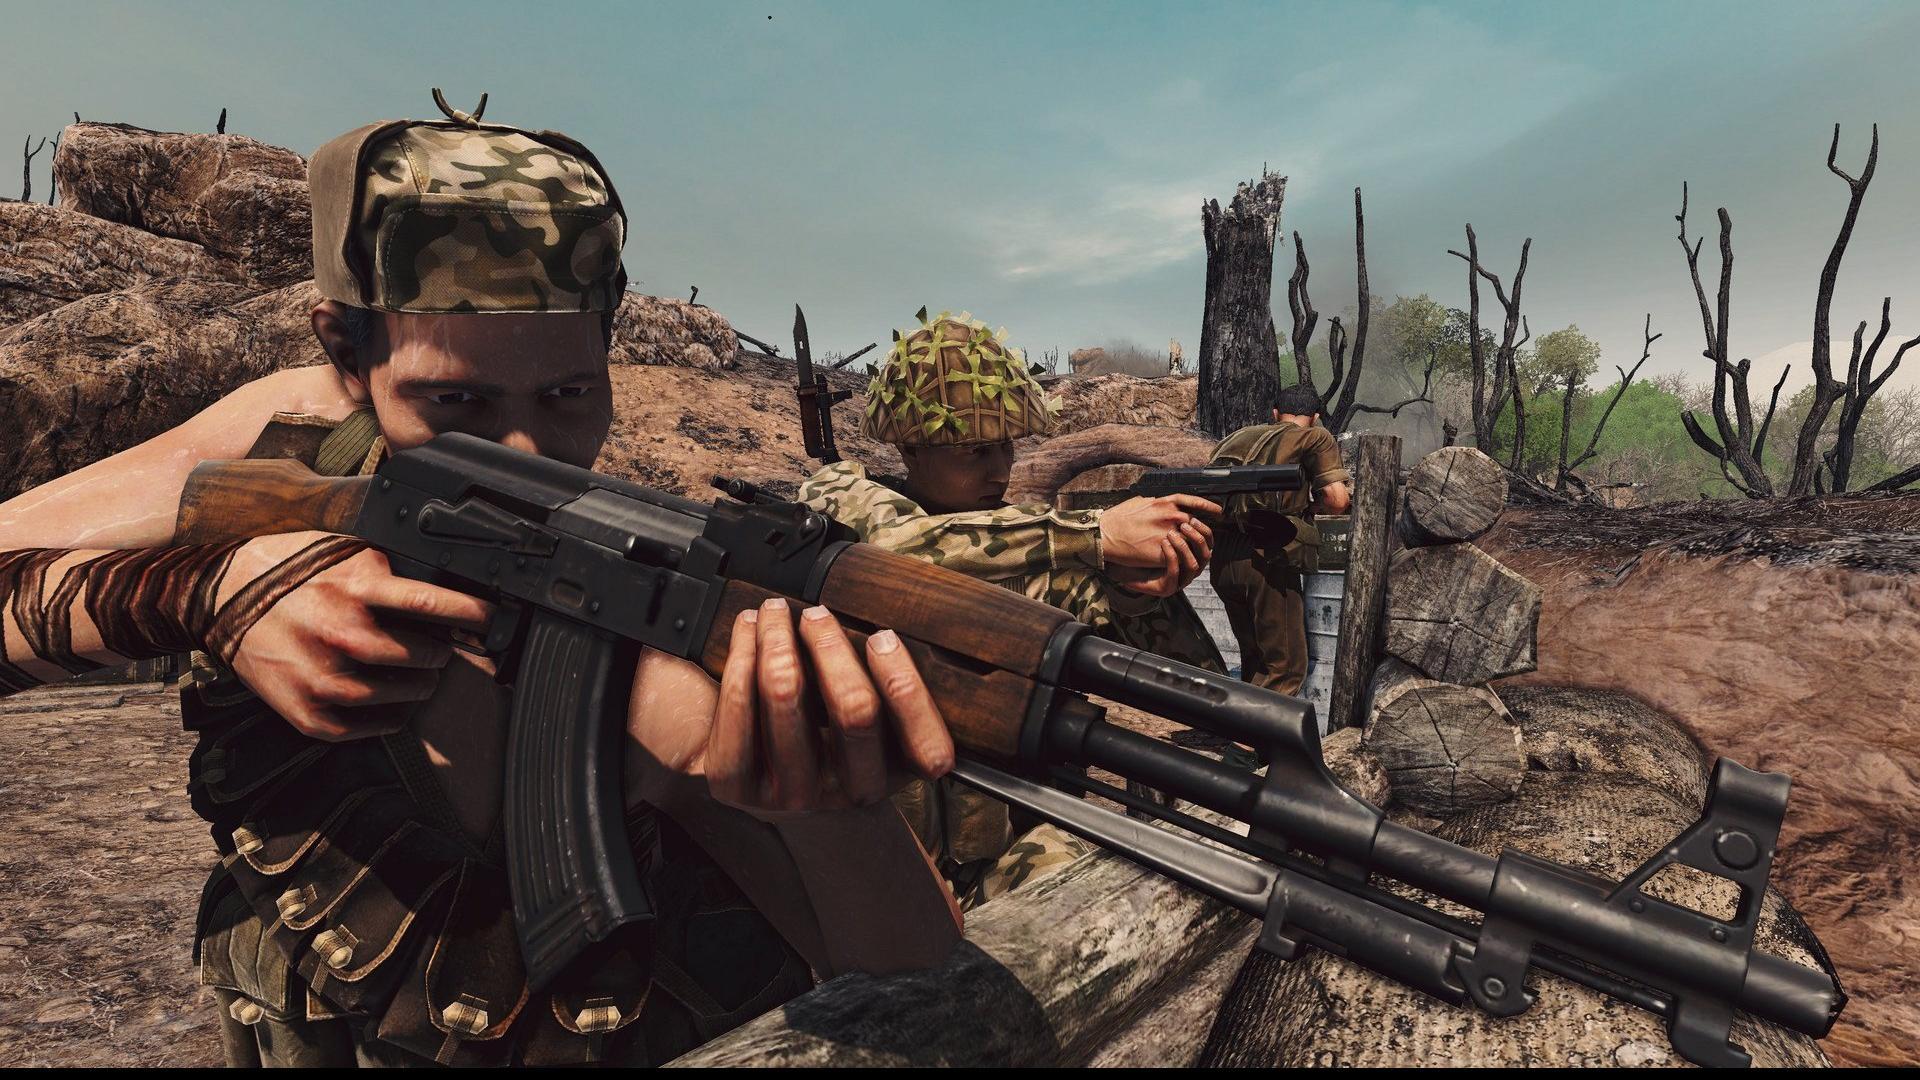 В реалистичном шутере Rising Storm 2: Vietnam наступили бесплатные выходные в Steam